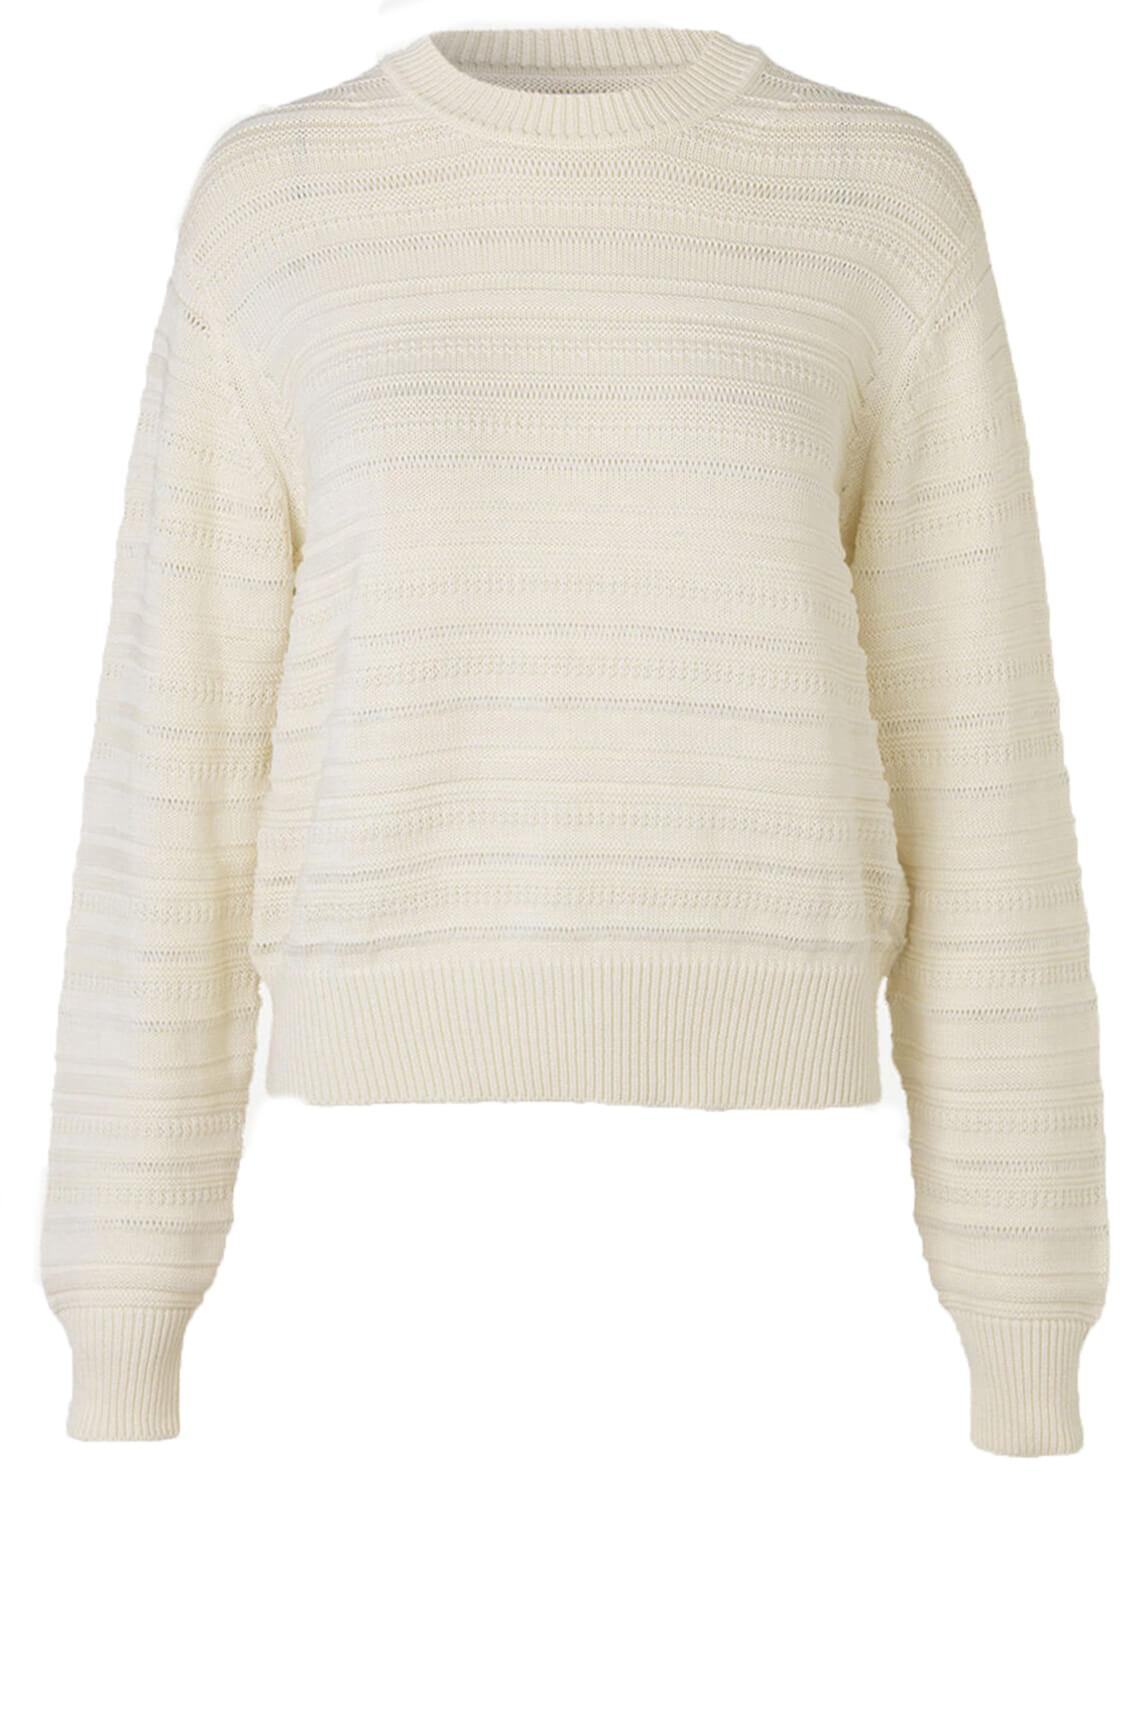 Samsoe Samsoe Dames Frey pullover wit